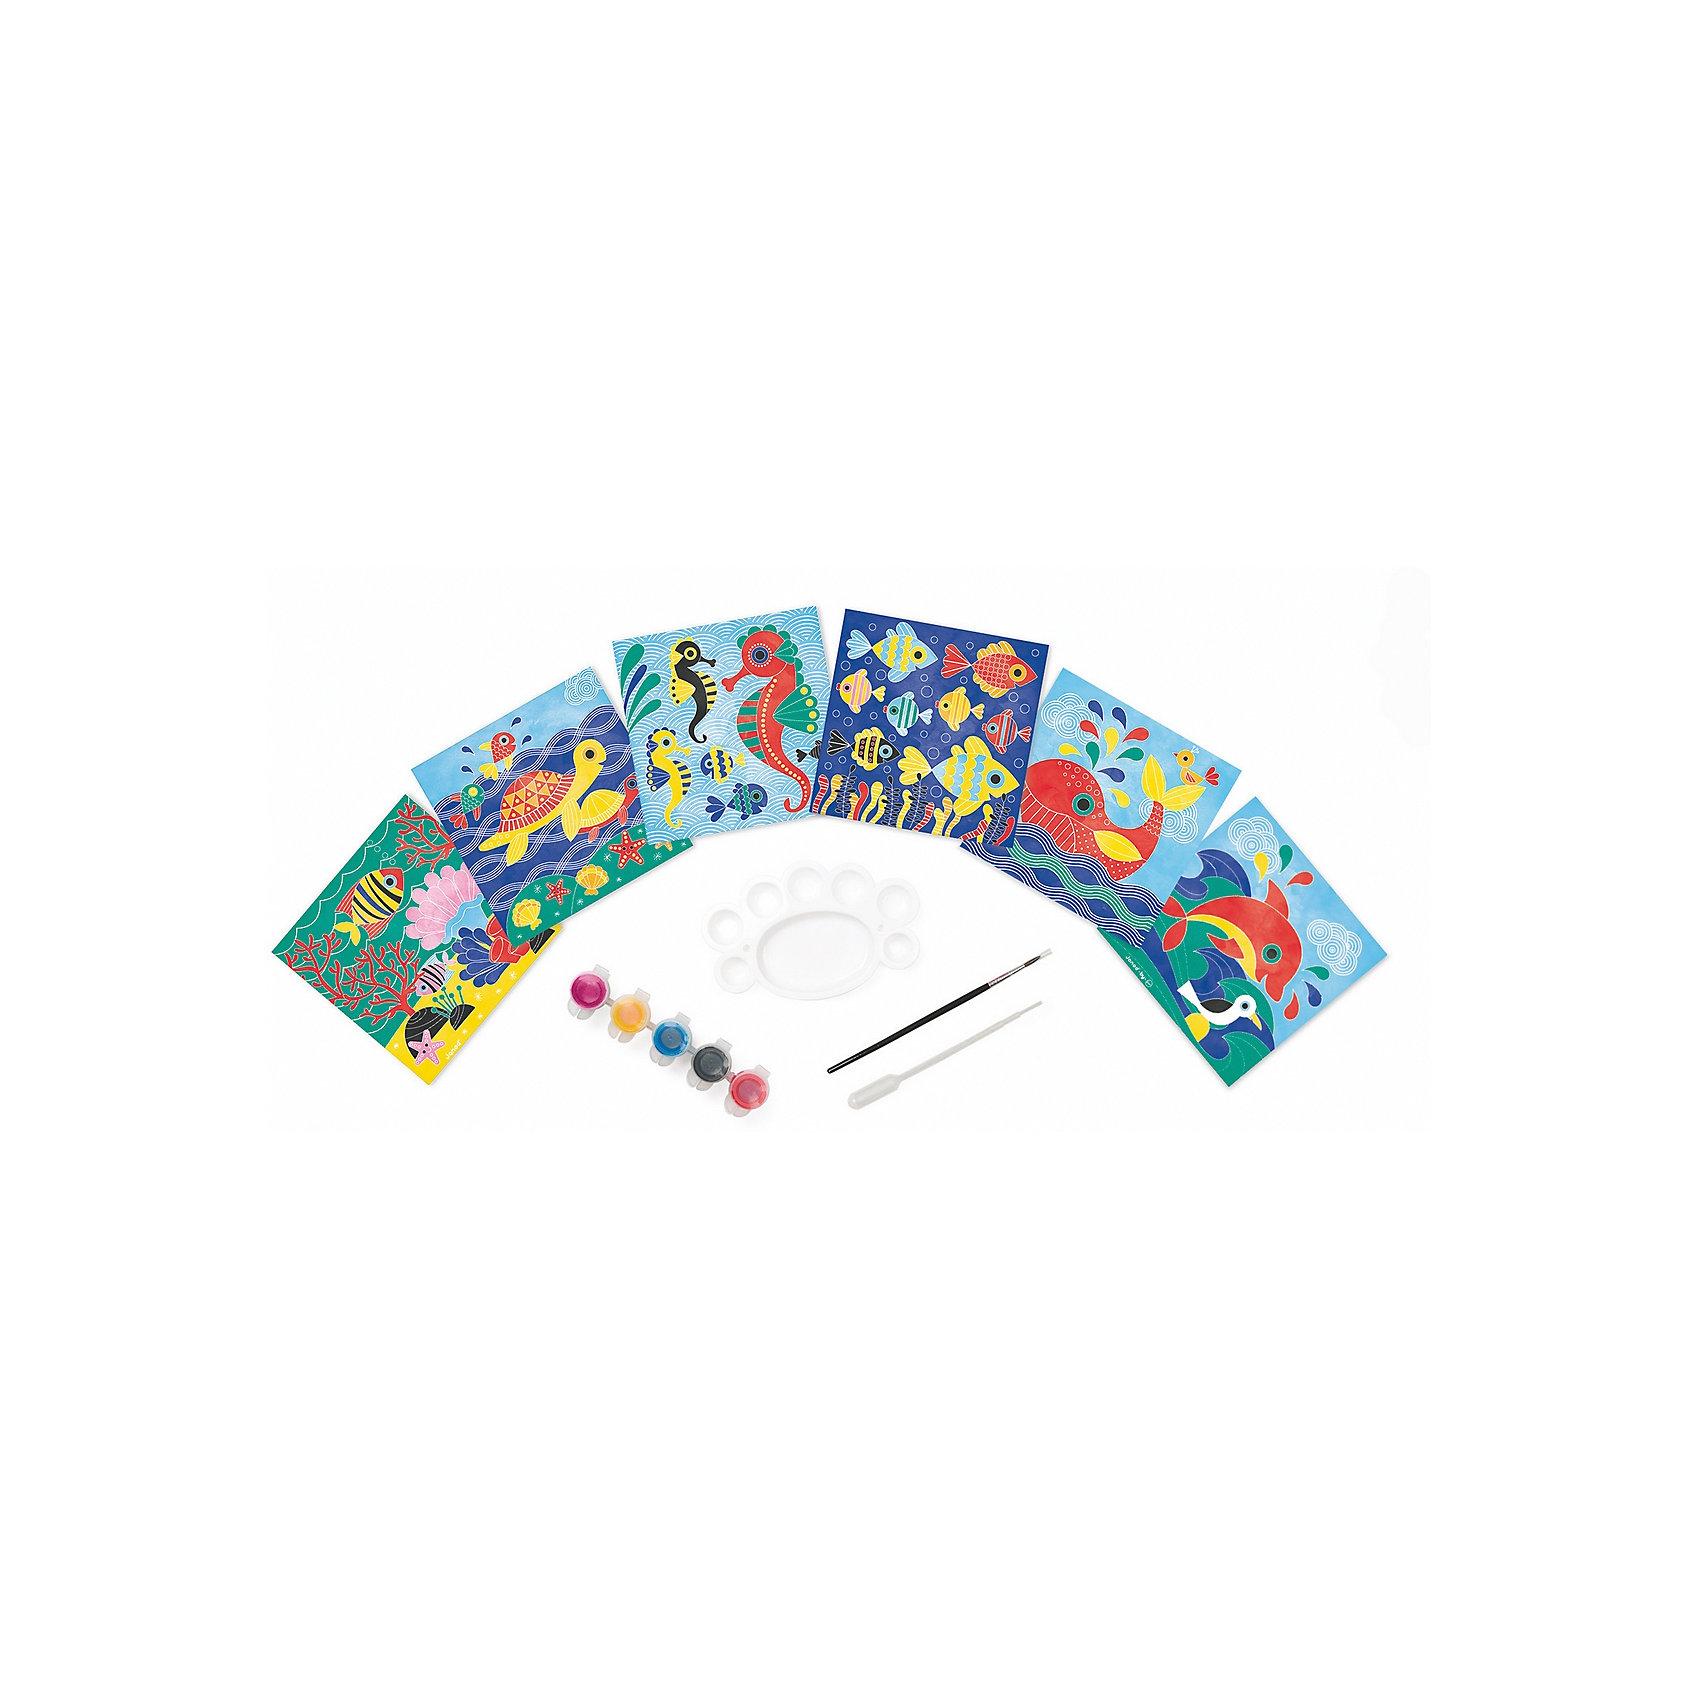 Набор для творчества: рисуем водой. Подводное царство, 6 карточекНабор для творчества: рисуем водой Подводное царство, 6 карточек, Janod (Джанод)<br><br>Характеристики:<br><br>• можно создать новые цвета<br>• полностью безопасен для детей<br>• удобно хранить<br>• в комплекте: краски, палитра, кисточка, пипетка, чемоданчик, карточки<br>• размер упаковки: 26х4 22 см<br>• вес: 700 грамм<br><br>Набор Подводное царство предназначен для веселого и интересного детского творчества. В набор входят 6 карточек, которые ребенку предстоит раскрасить водными красками. Подробная инструкция расскажет, как правильно смешивать и создавать новые цвета при помощи палитры и пипетки. Рисование развивает художественный вкус, аккуратность и усидчивость. Этот набор непременно понравится ребенку!<br><br>Набор для творчества: рисуем водой Подводное царство, 6 карточек, Janod (Джанод) можно купить в нашем интернет-магазине.<br><br>Ширина мм: 26<br>Глубина мм: 21<br>Высота мм: 4<br>Вес г: 600<br>Возраст от месяцев: 48<br>Возраст до месяцев: 2147483647<br>Пол: Женский<br>Возраст: Детский<br>SKU: 4871835